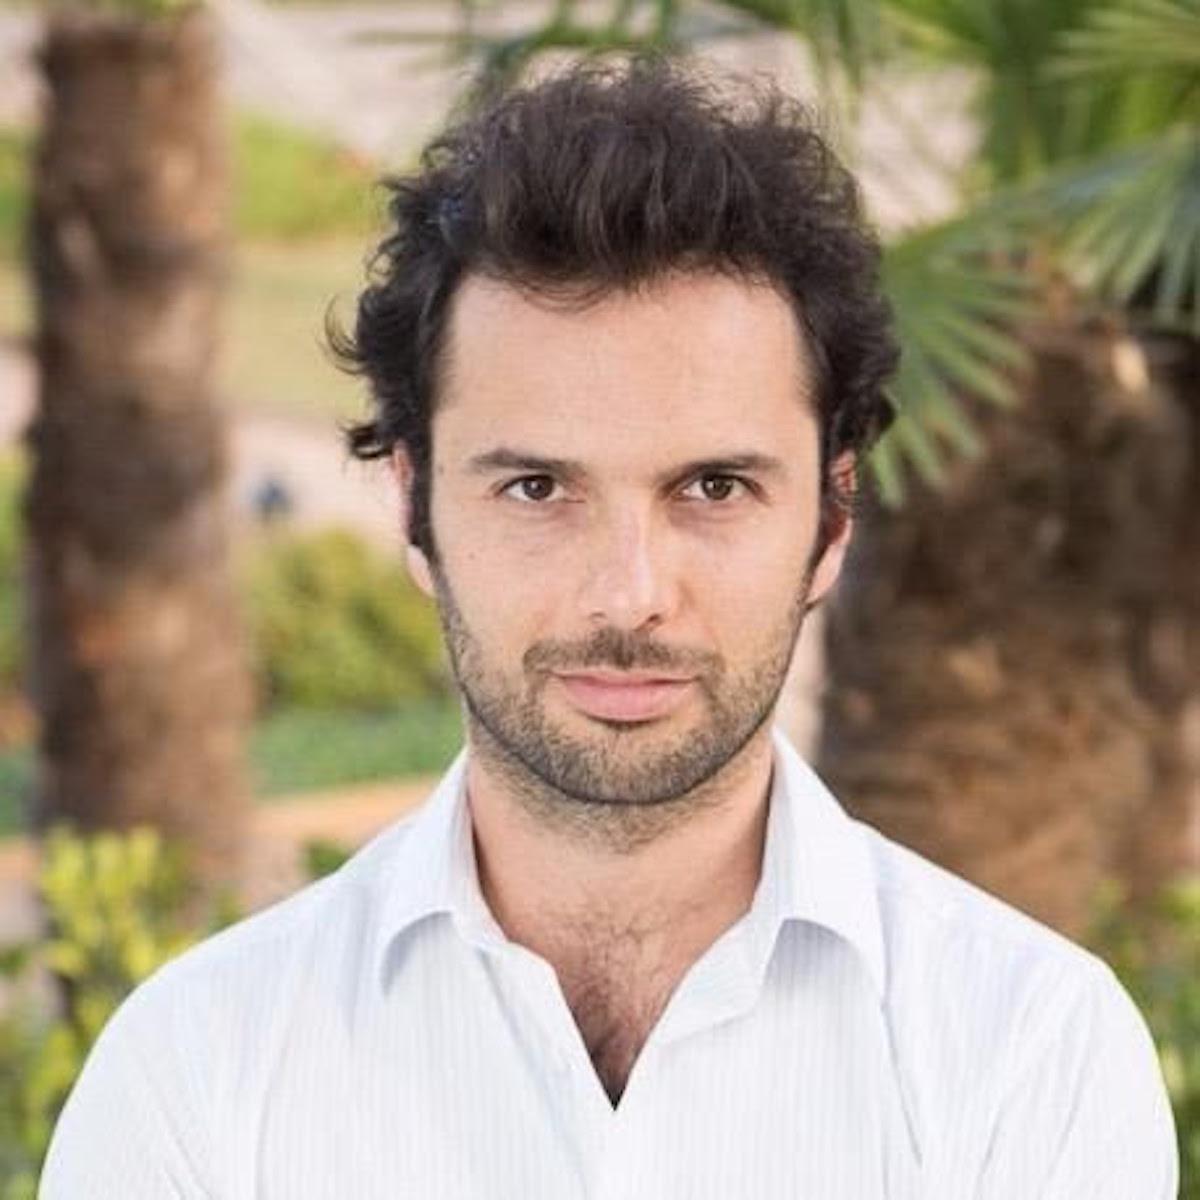 SumUp contrata Marcelo Ciampolini, ex-Lendico, para liderar área de crédito